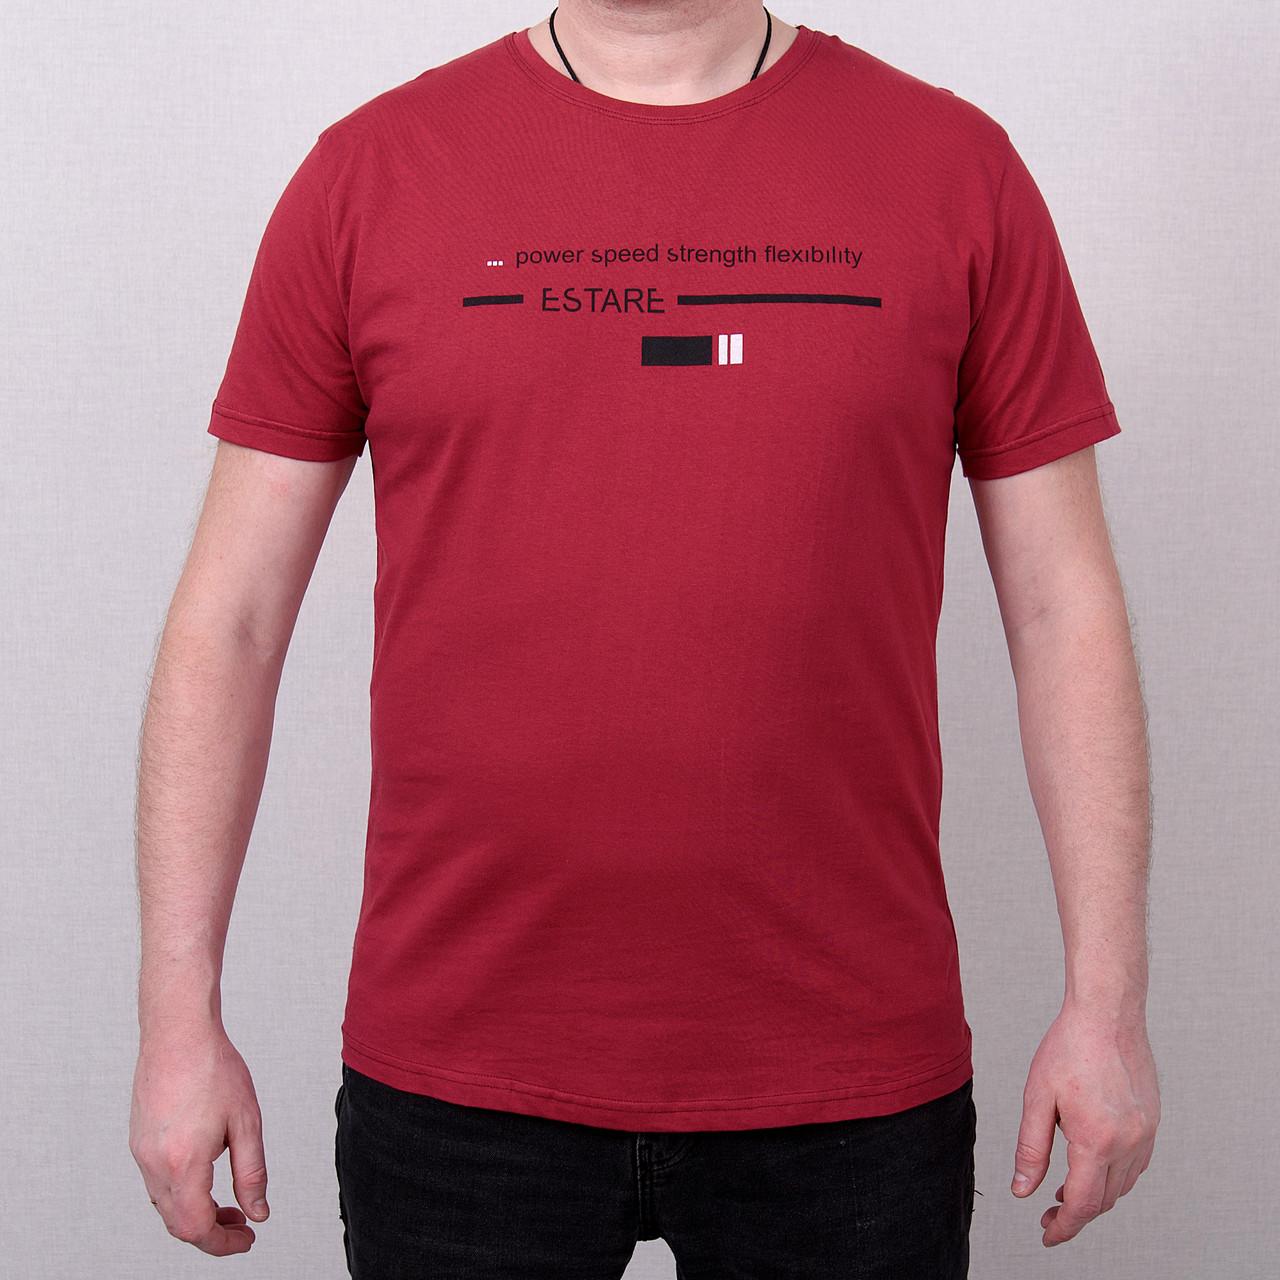 Чоловіча футболка великого розміру, кольору бордо